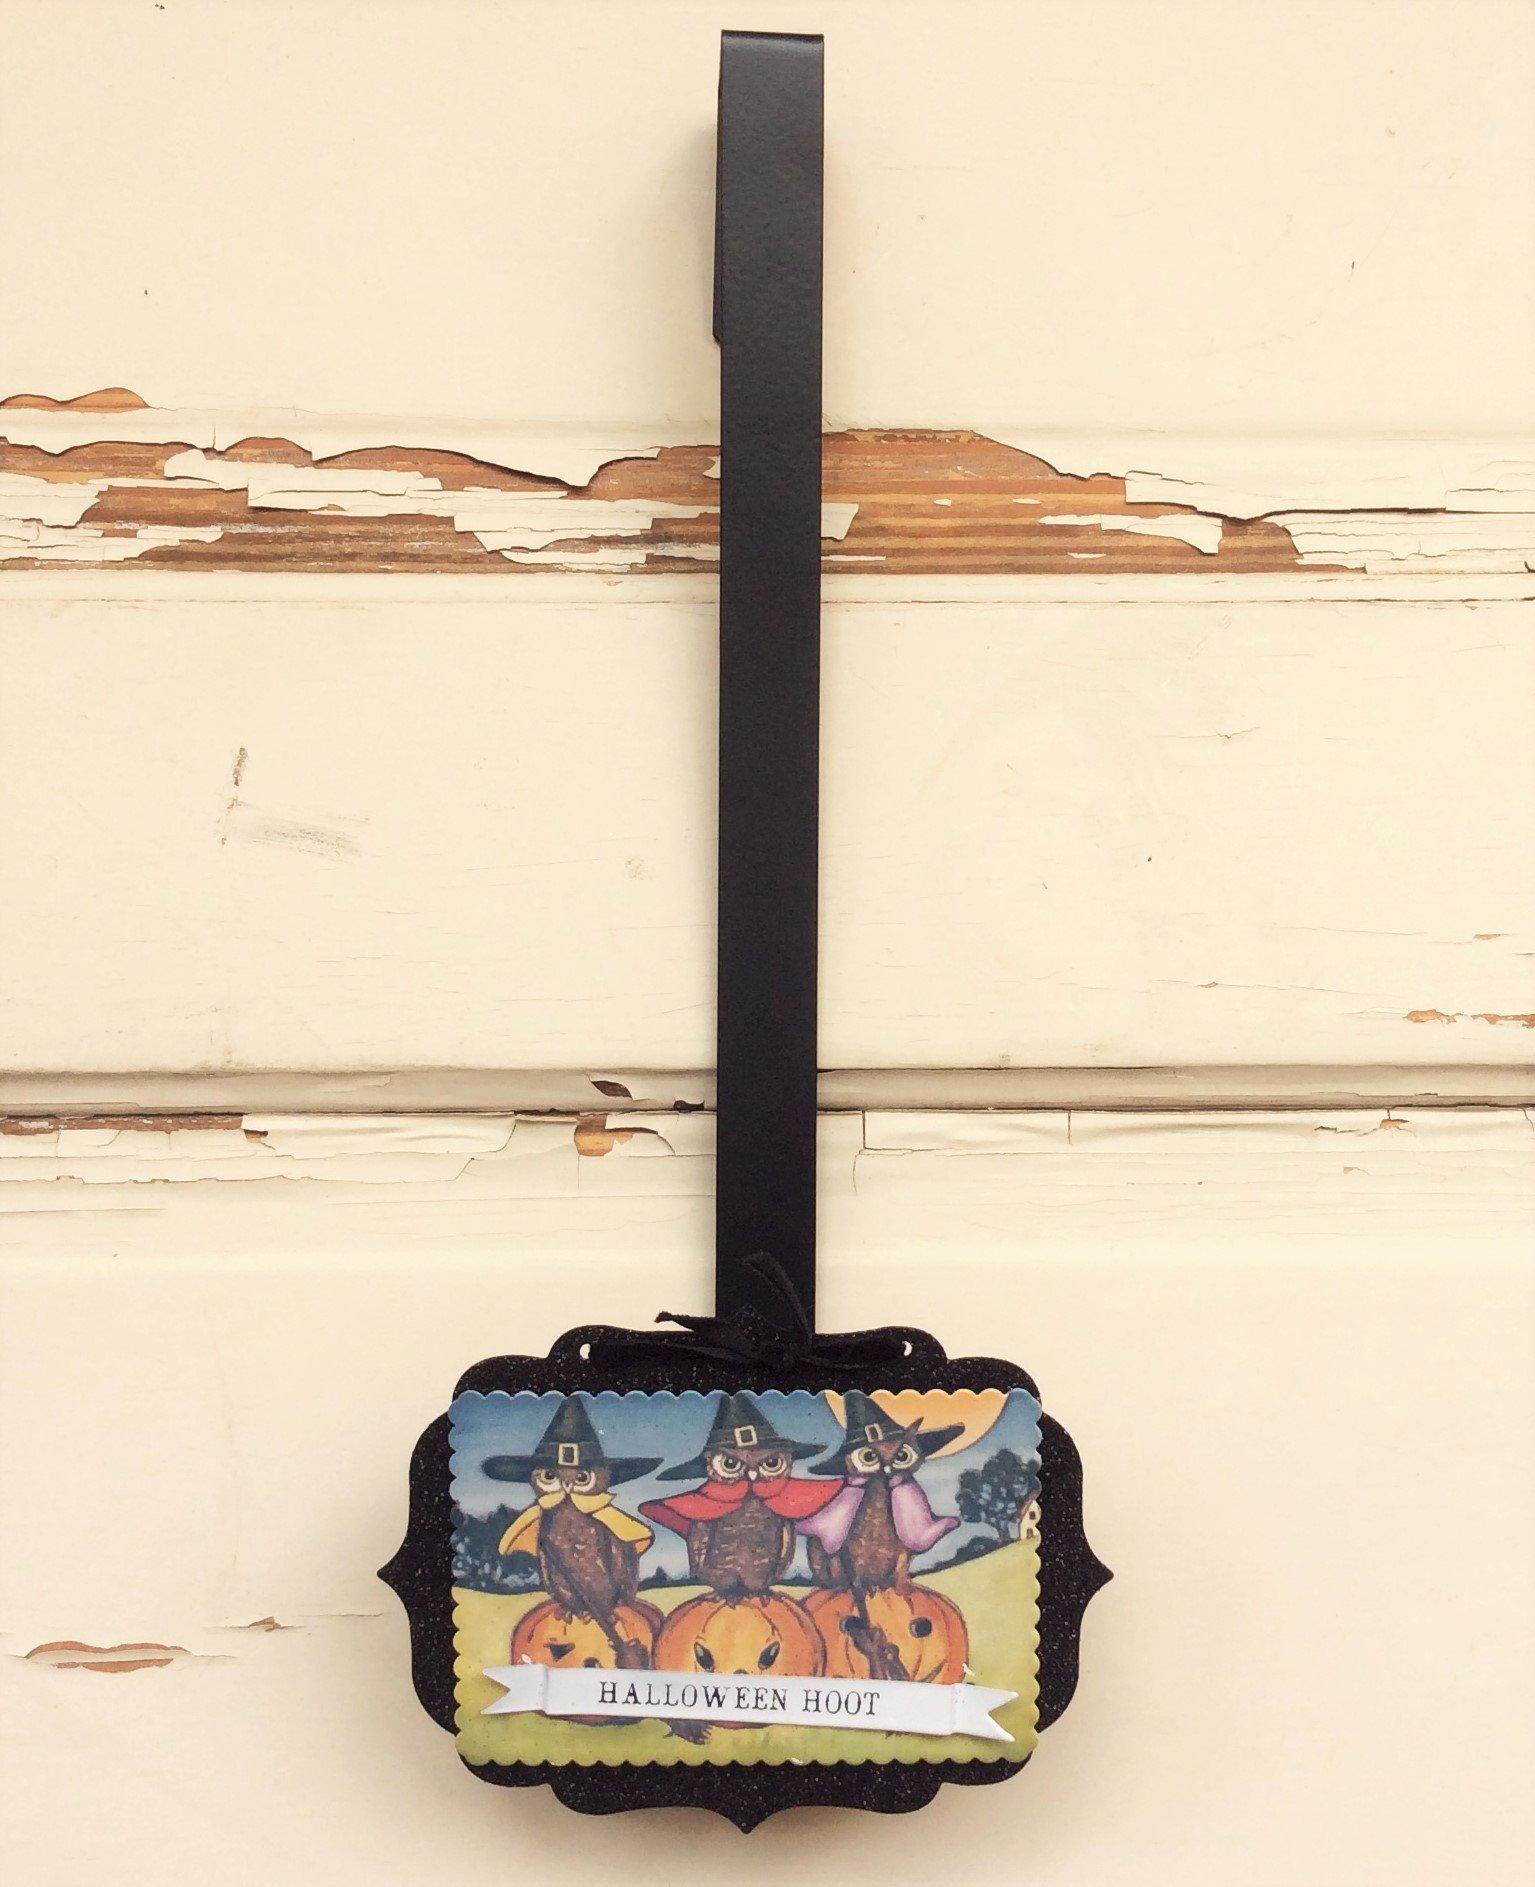 AG Designs Halloween Decor - Wreath Door Hanger Hook Vintage Hoot #16OCT13